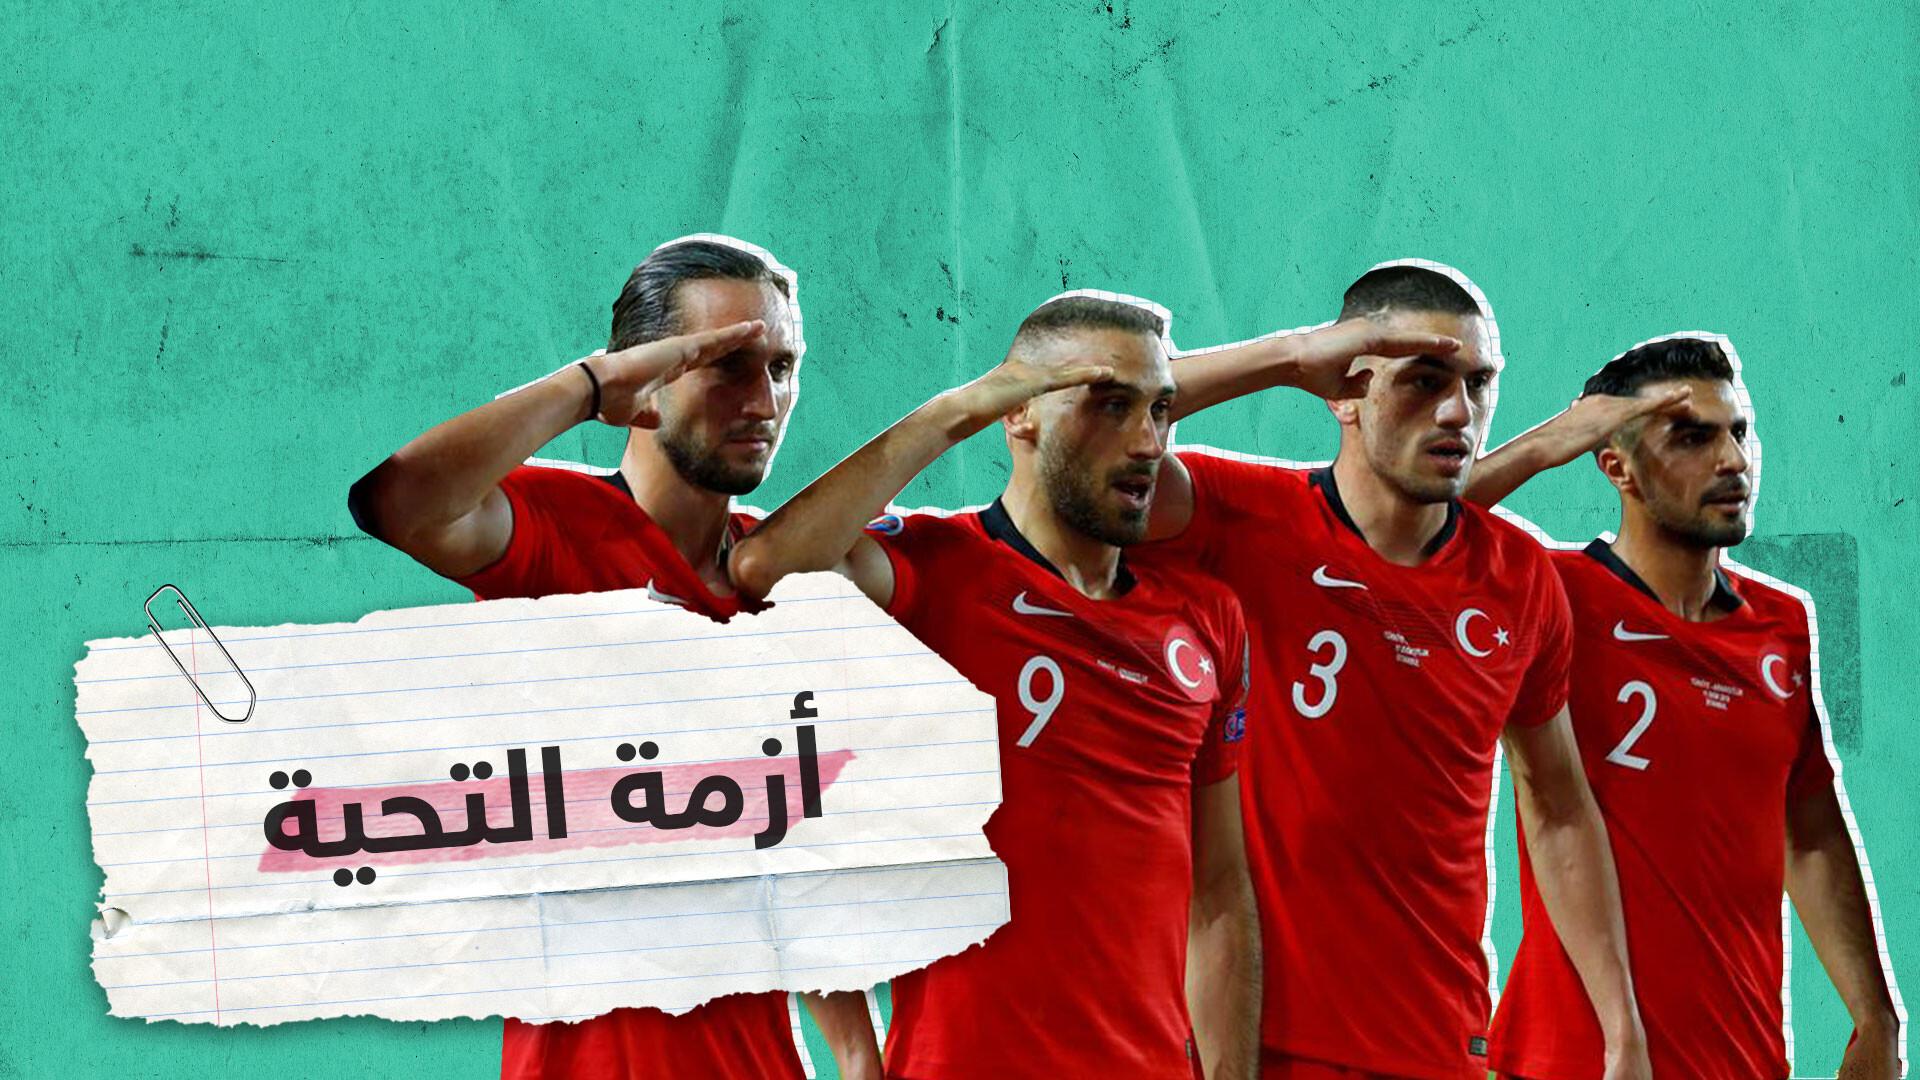 """بسبب """"لايك"""" للتحية العسكرية.. لاعبون من أصول تركية في أزمة"""